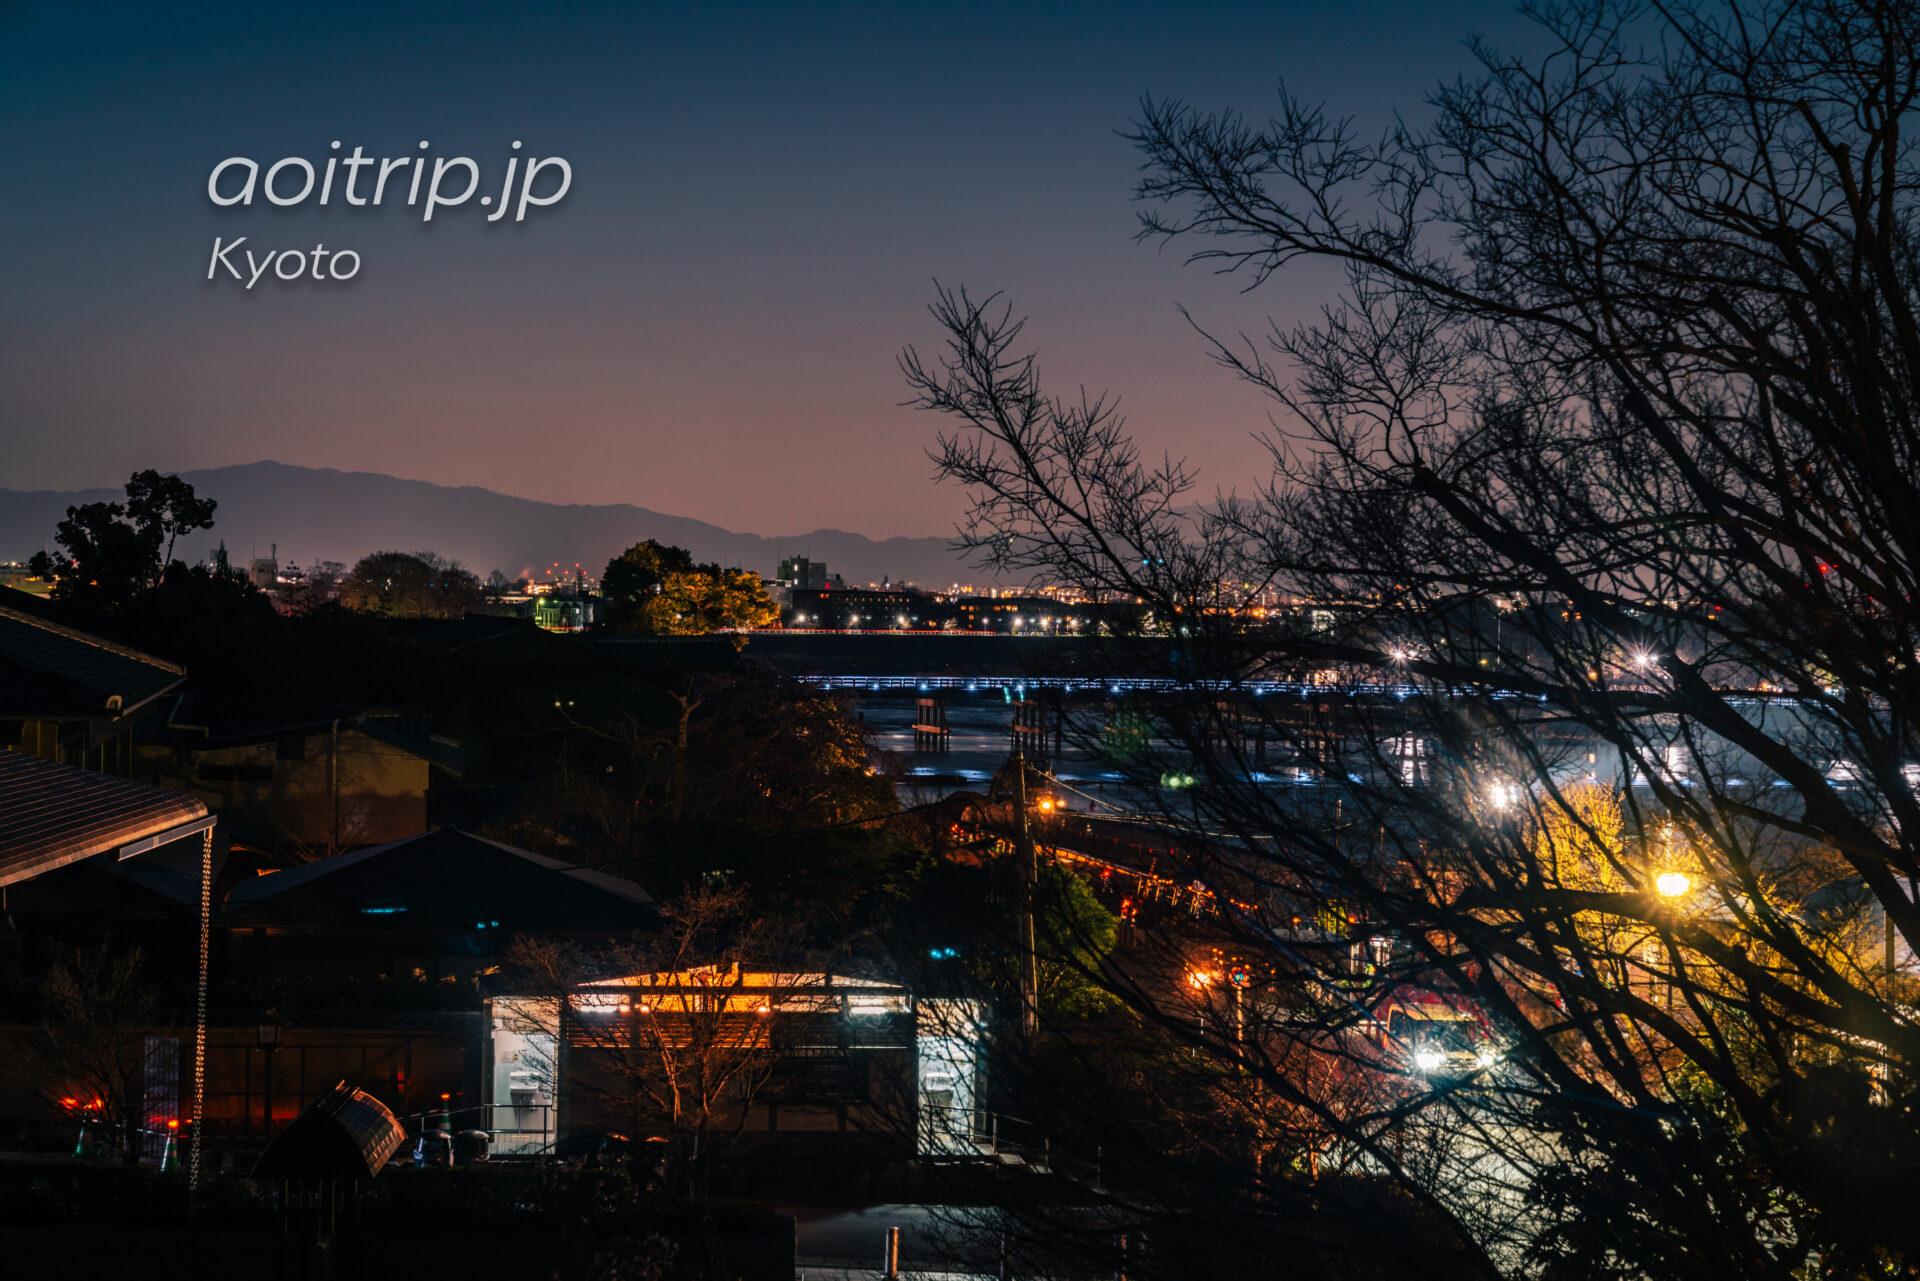 京都嵐山 夜明けの渡月橋と桜と朝日